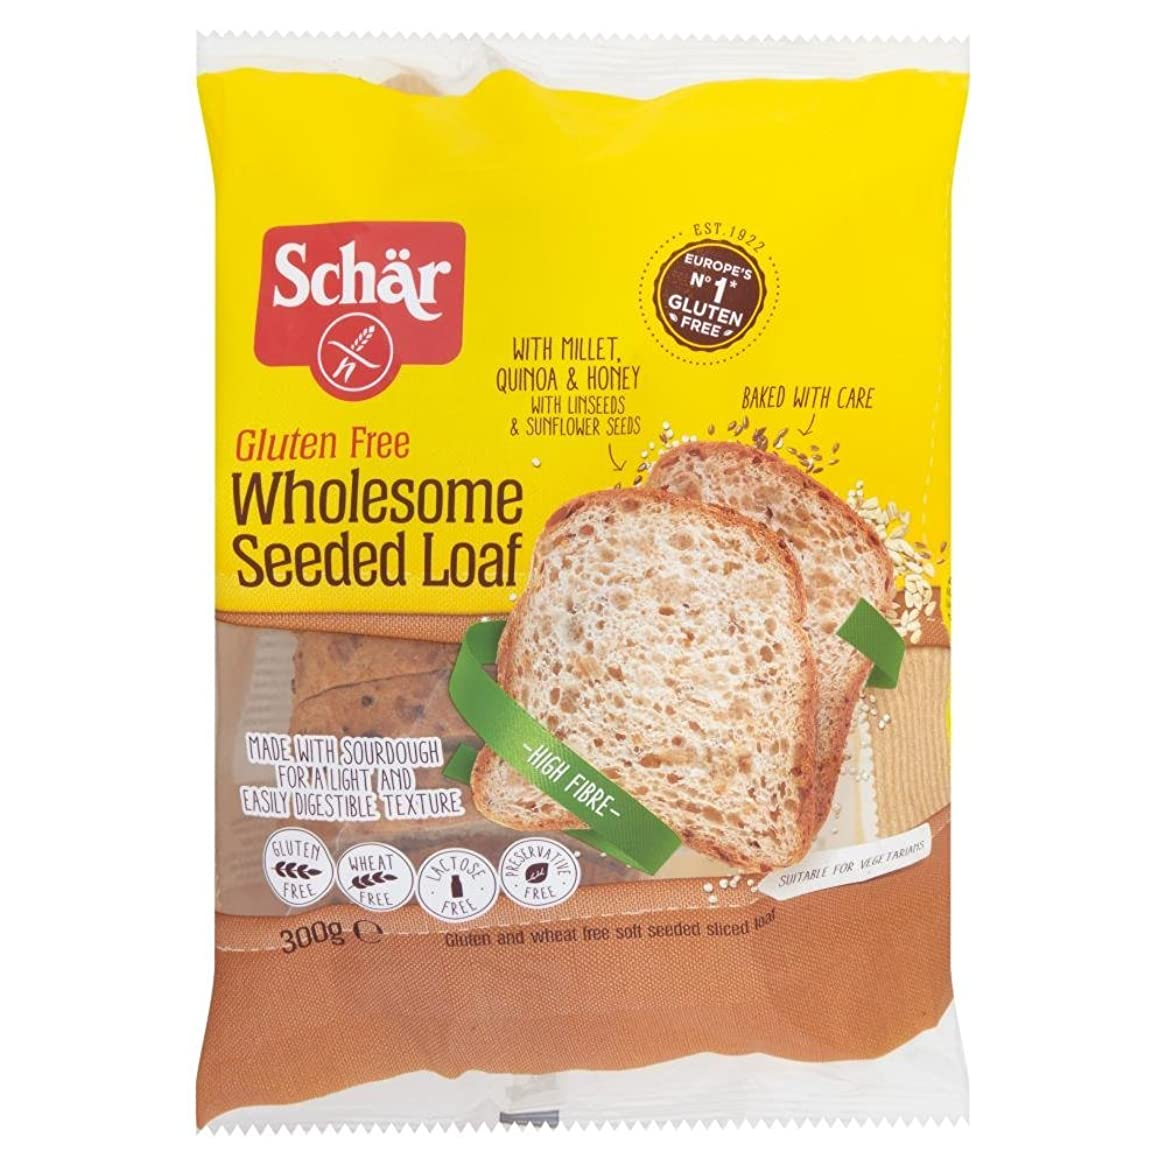 広い検索エンジンマーケティング欲求不満穀物グルテンフリー300グラムとシェアー穀物マスターベイカーパン